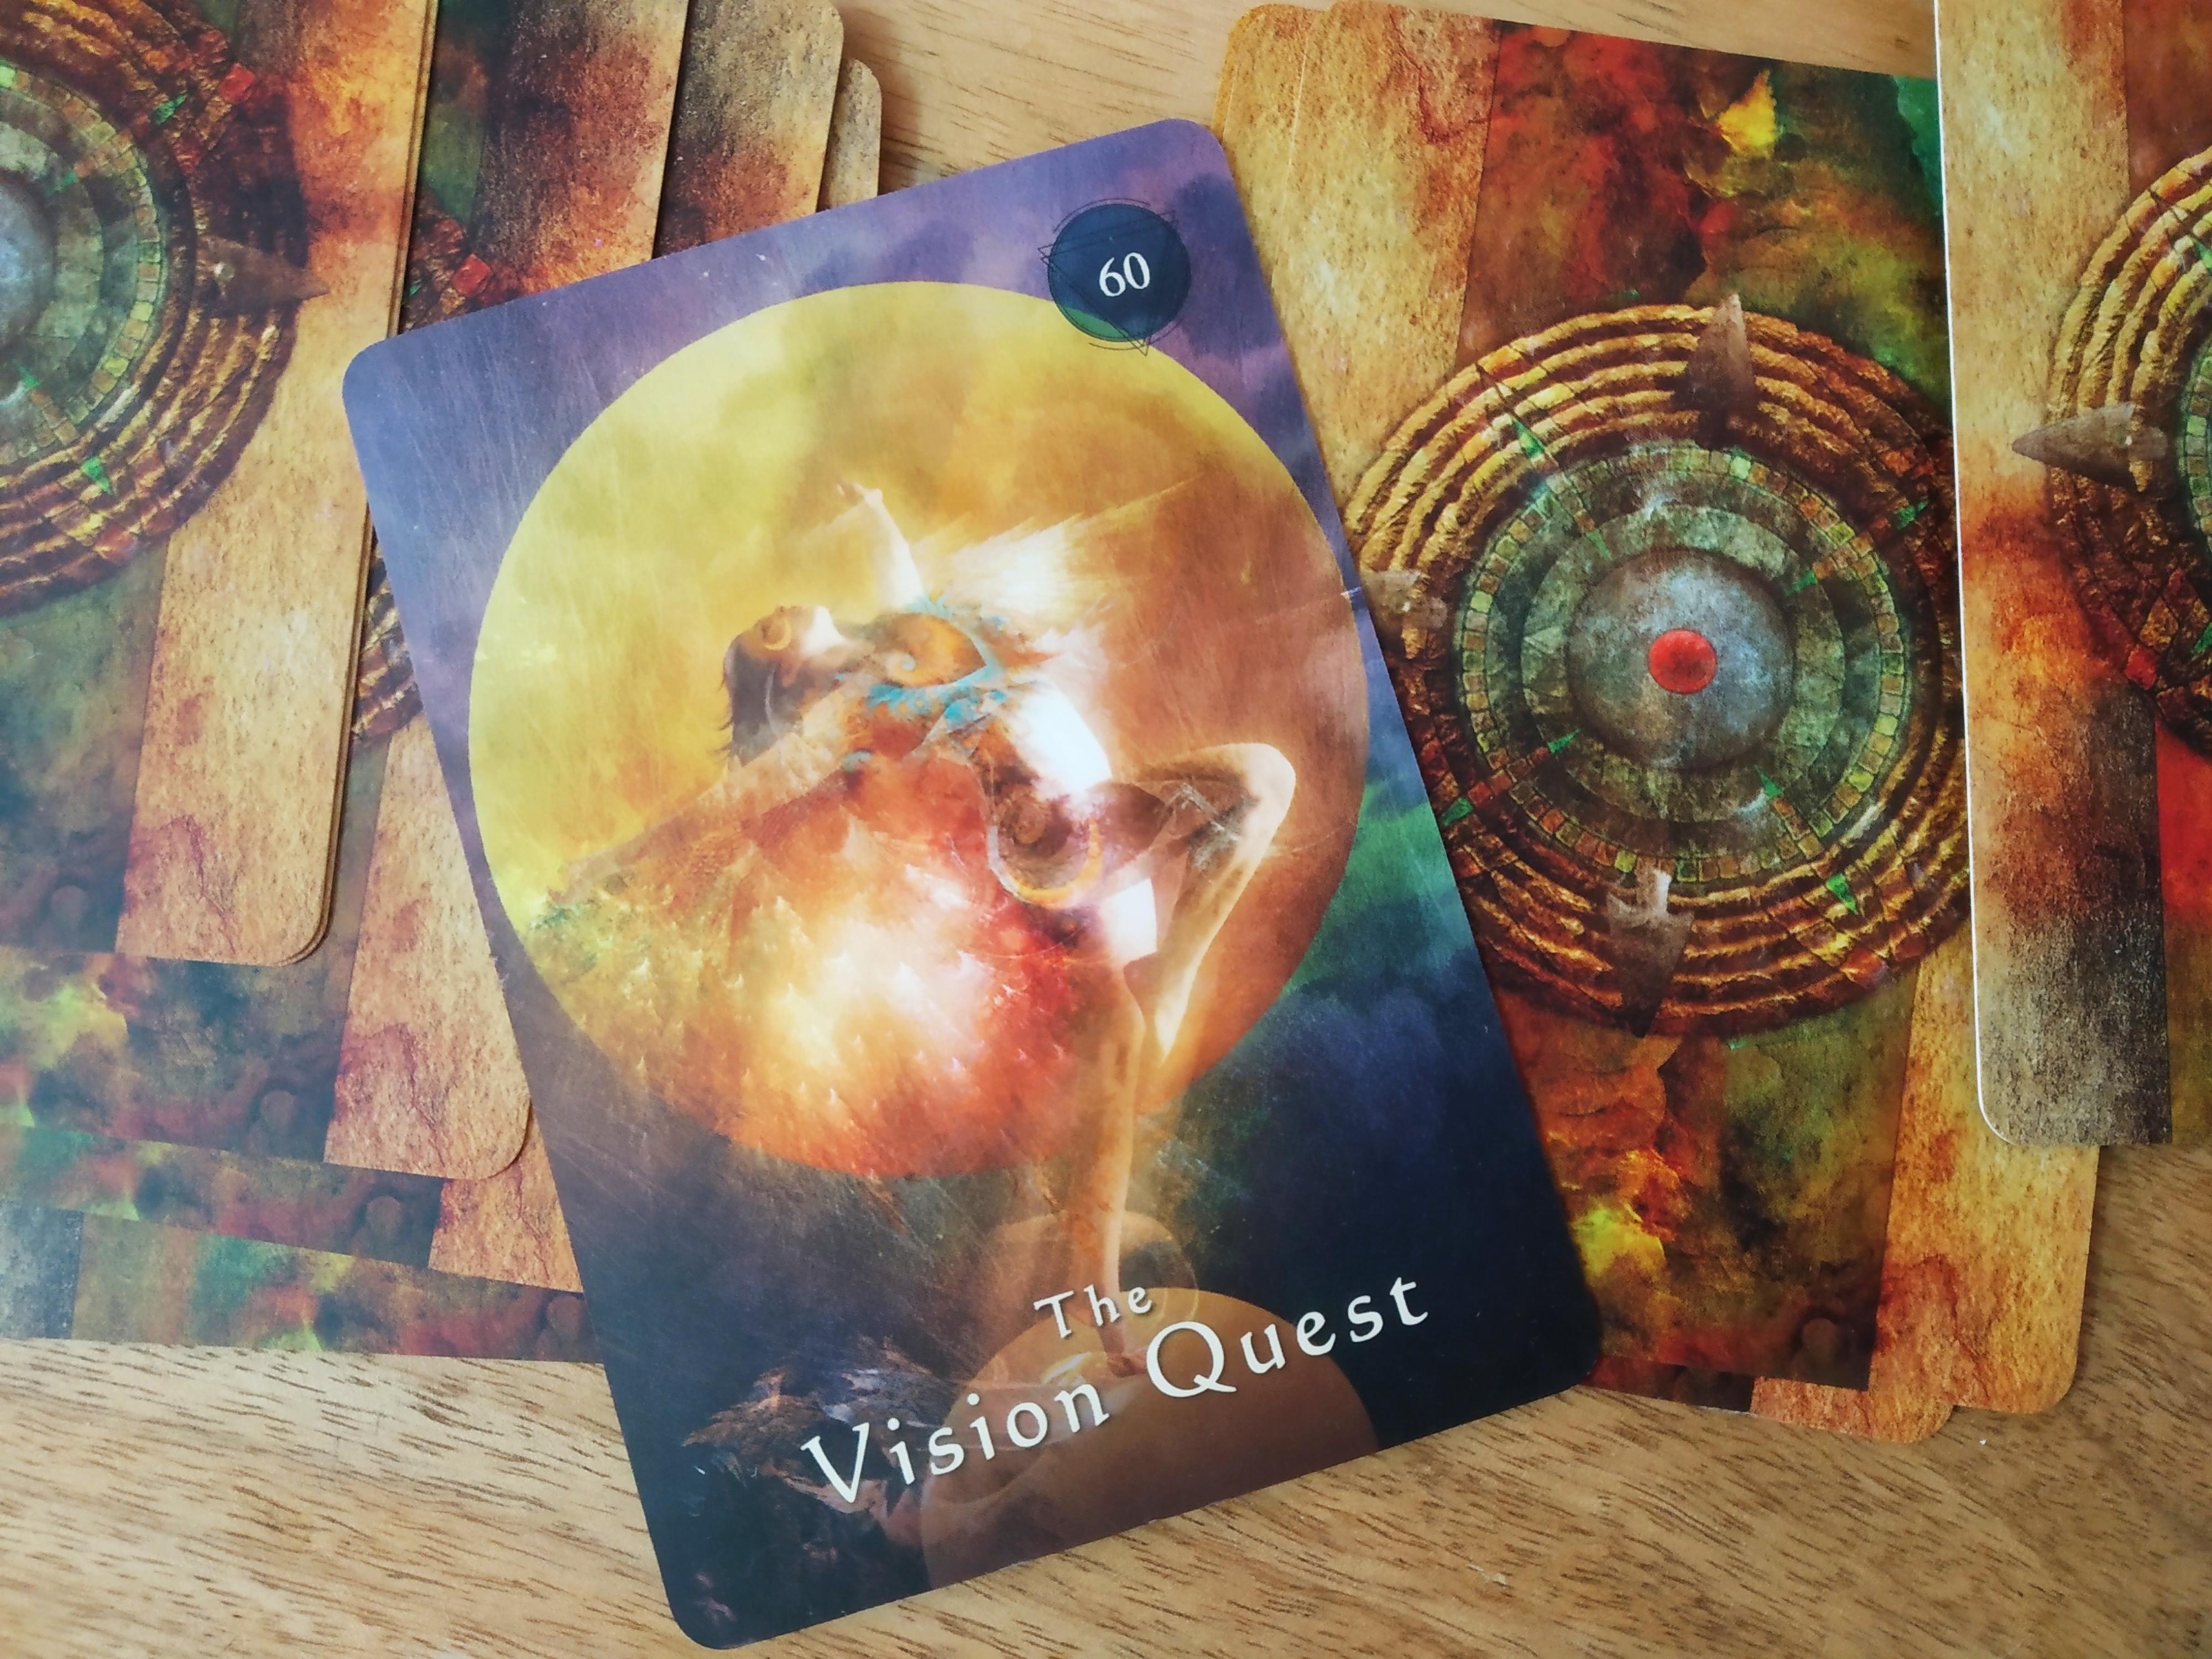 Vision quest shaman's deck